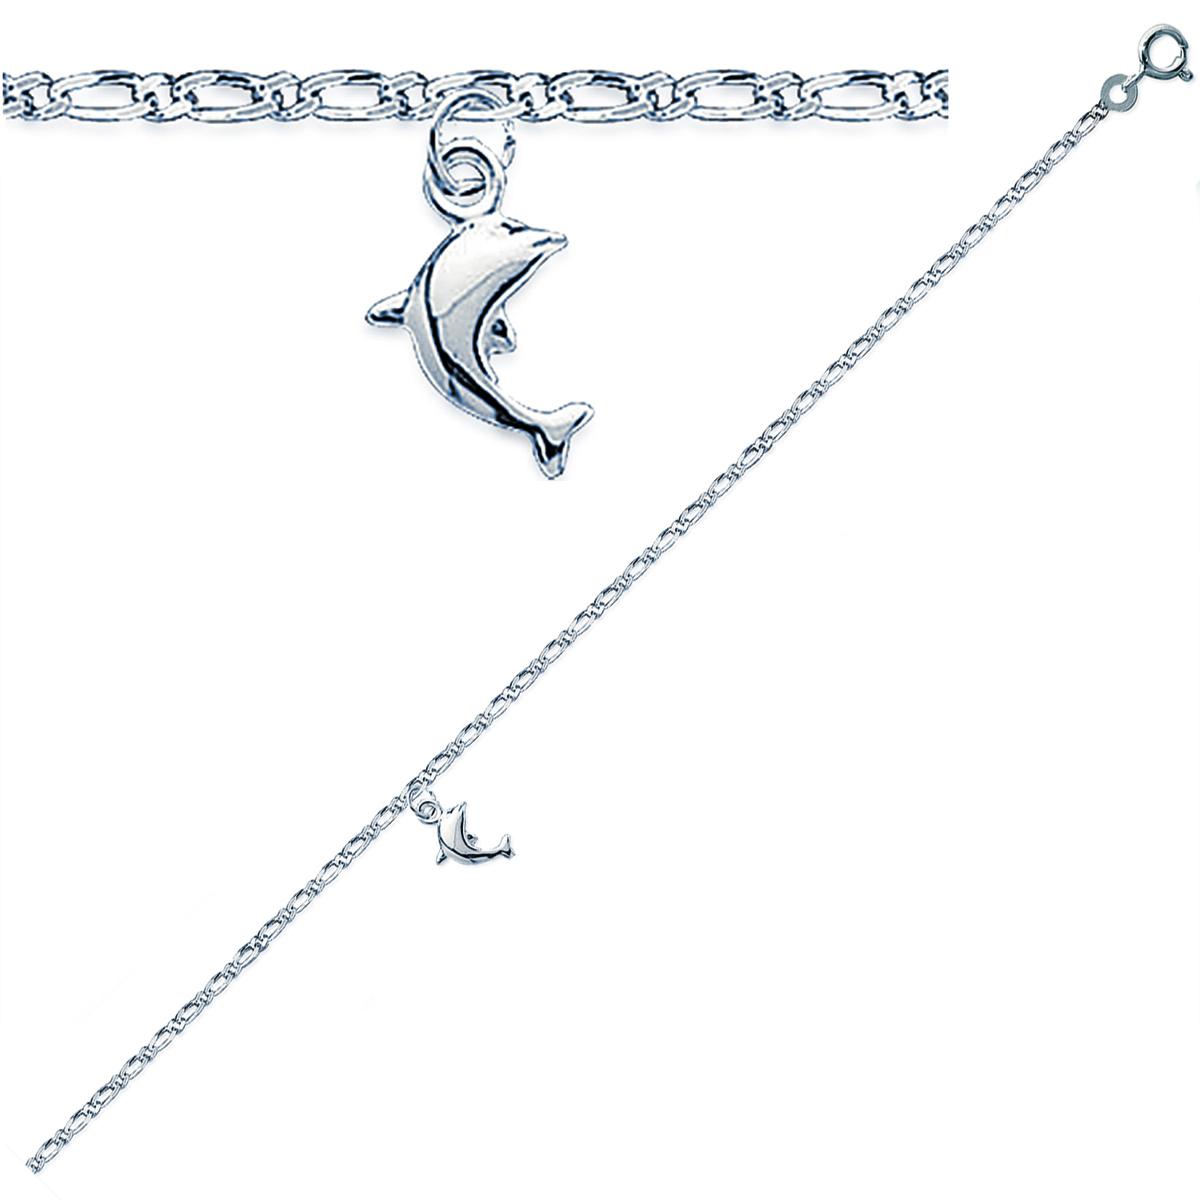 Chaîne Cheville Argent \'Dauphin\'  argenté (rhodié) - 25 cm 9x7 mm - [Q8093]